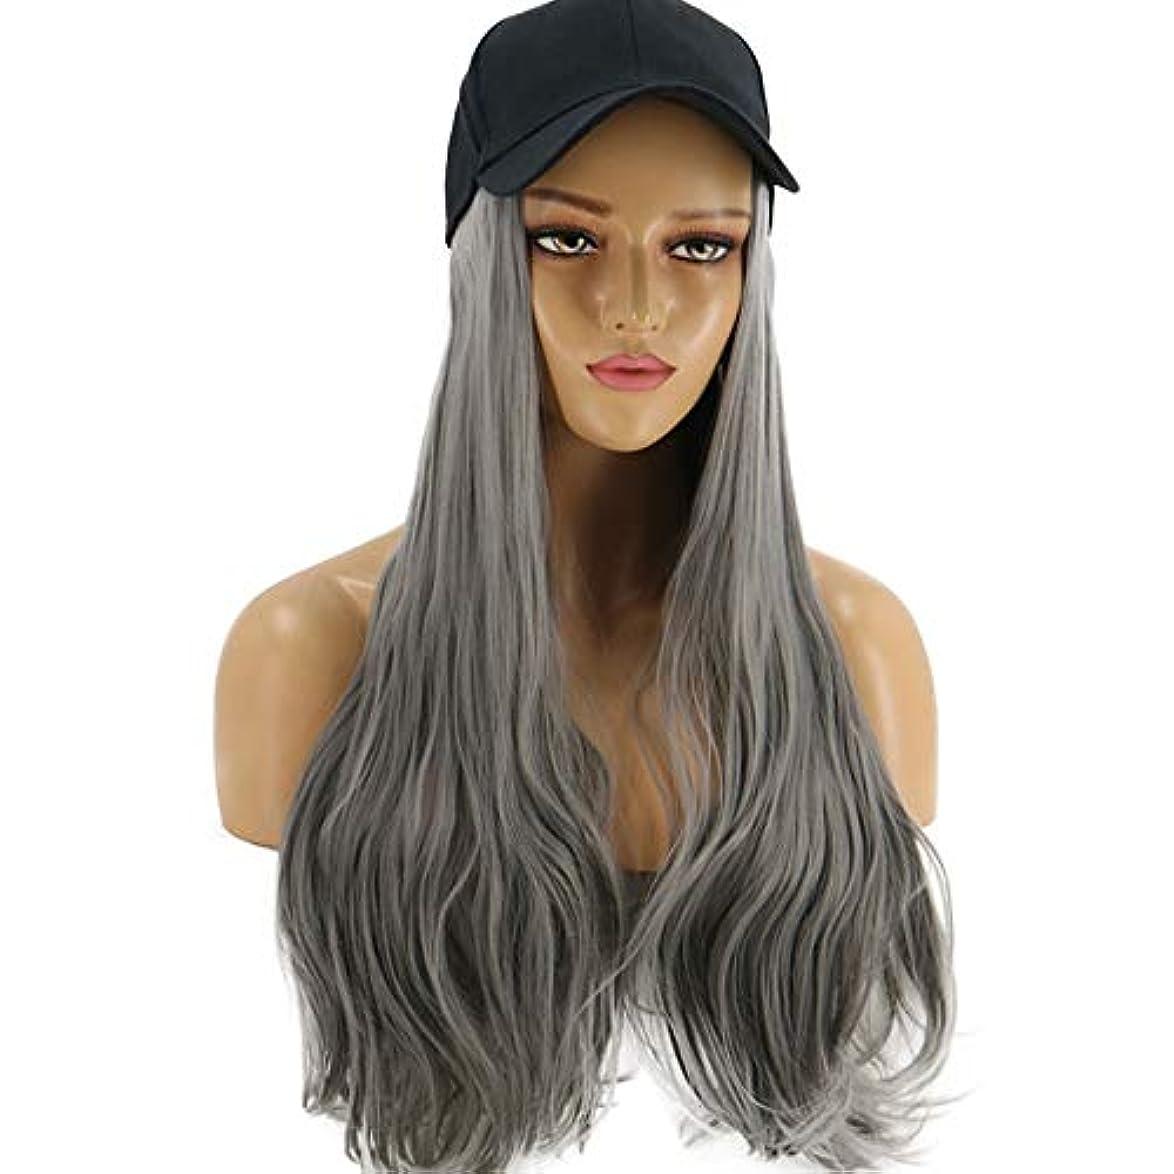 ガイドライン側成分HAILAN HOME-かつら ファッショングレーレディースウィッグハットワンピース帽子ウィッグ55センチメートルFarseeingカーリーヘアワンピース取り外し可能